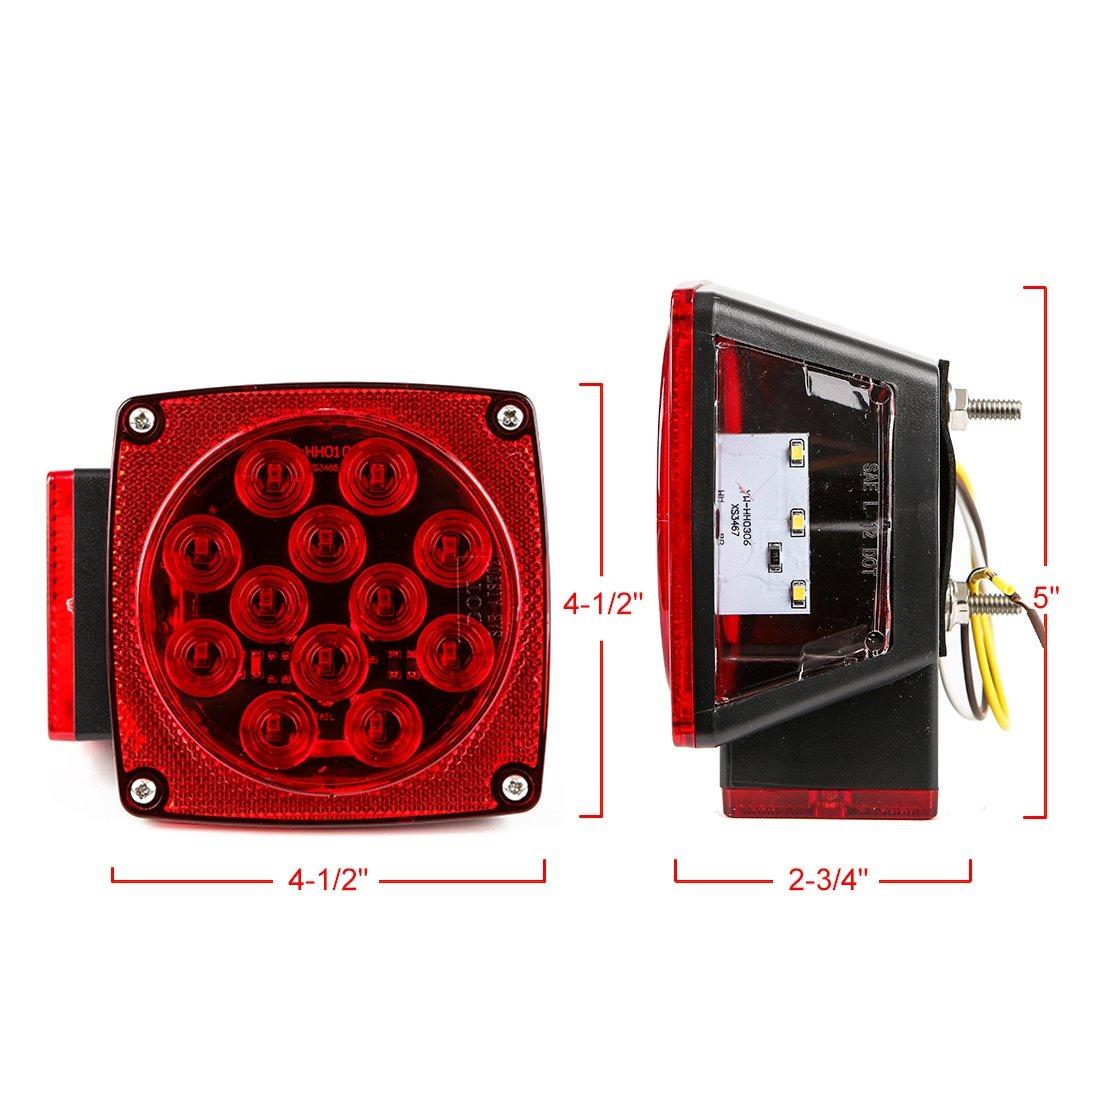 4333020007 CZC AUTO 12V LED Submersible Trailer Tail Light Kit for Under 80 Inch Boat Trailer RV Marine Trailer Light kit